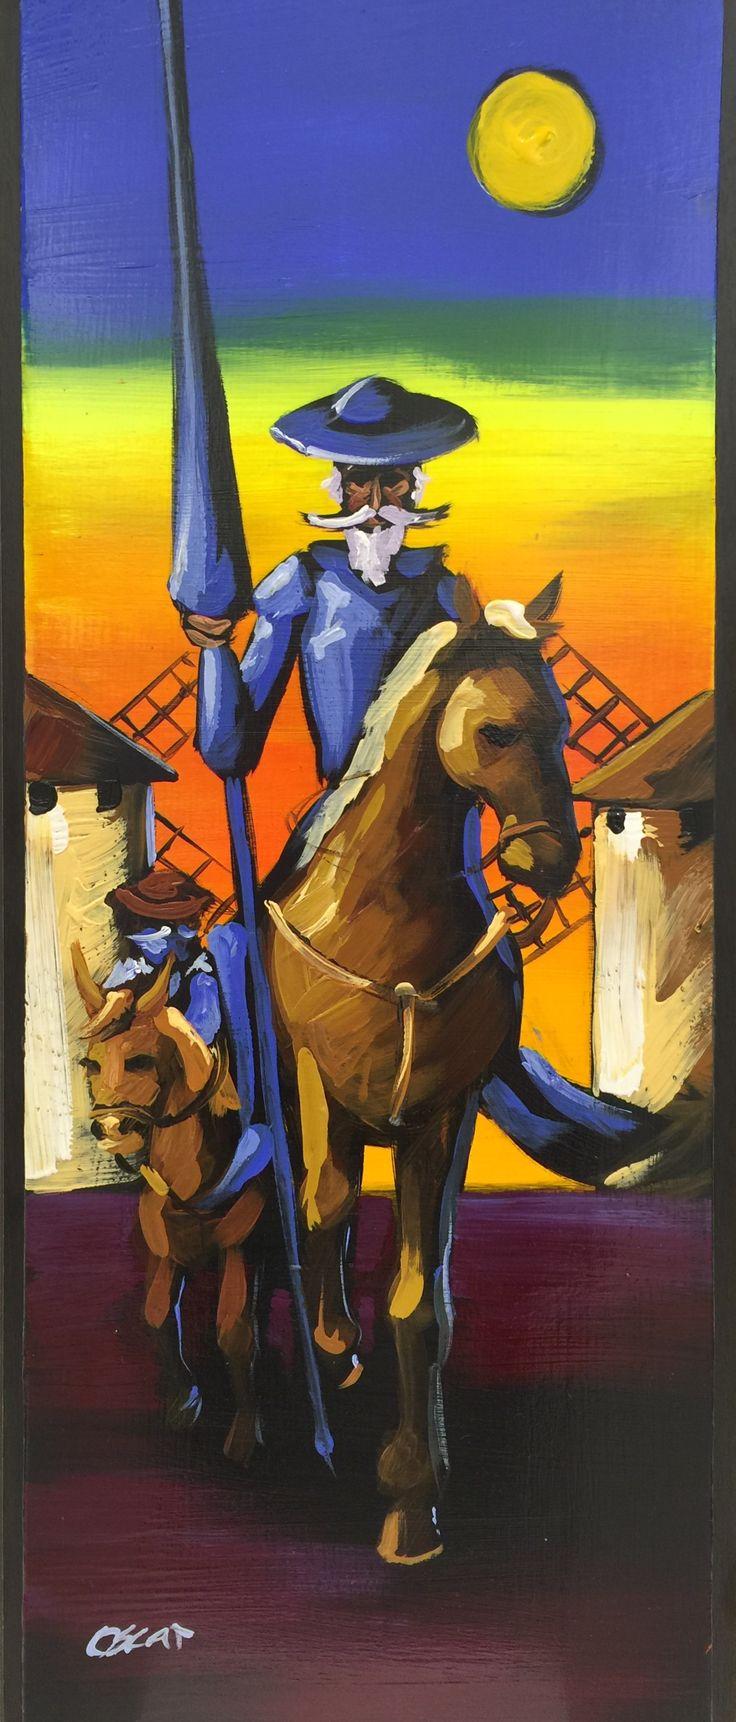 223 best images about Don Quixote on Pinterest